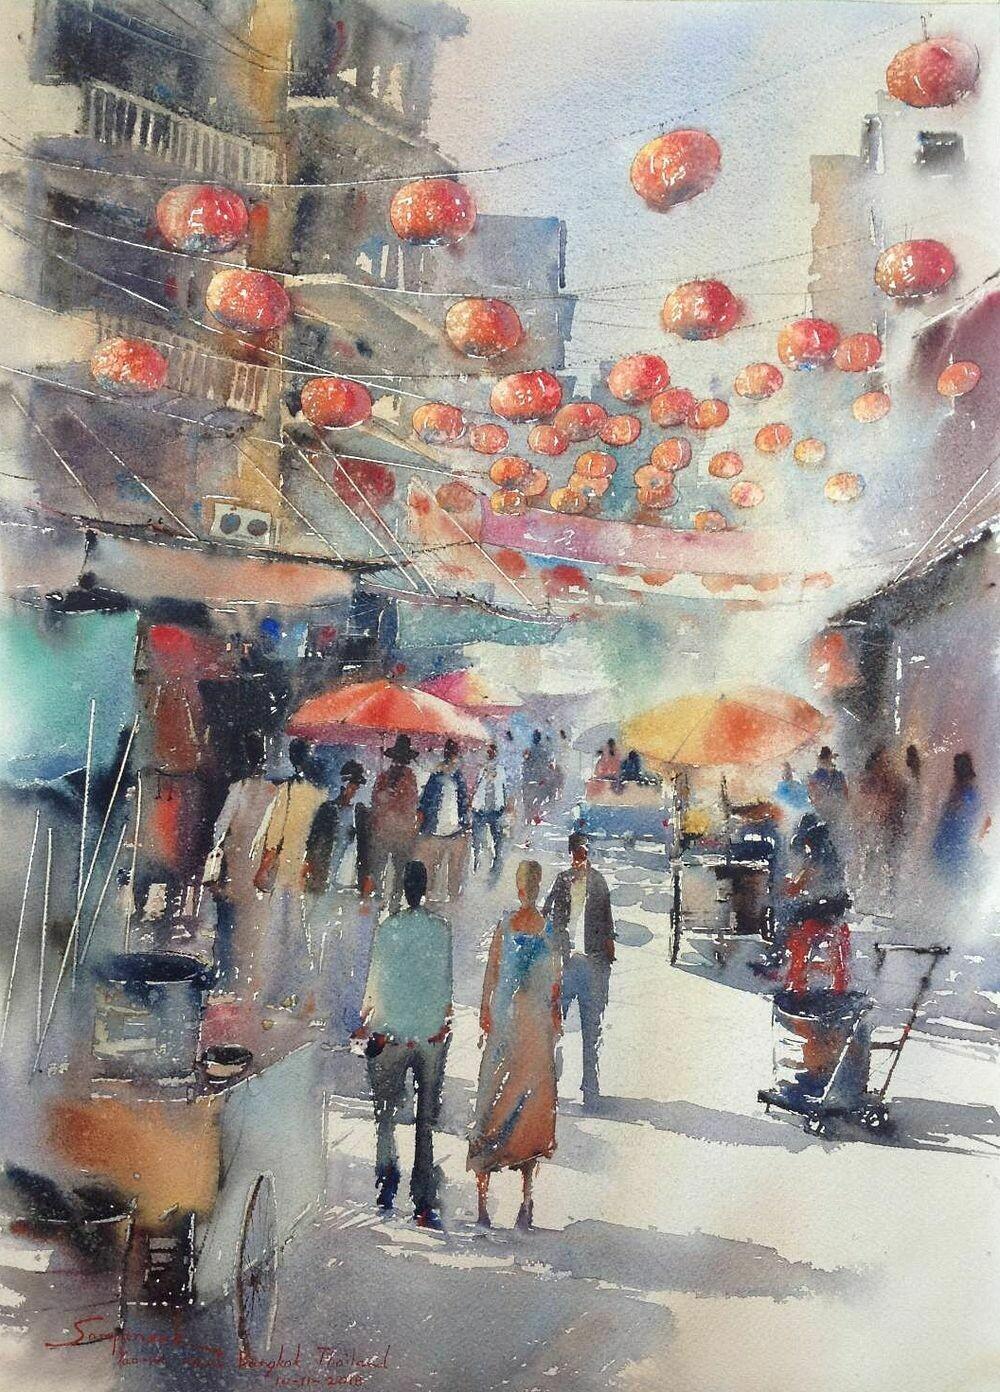 CHINA TOWN BANGKOK 1